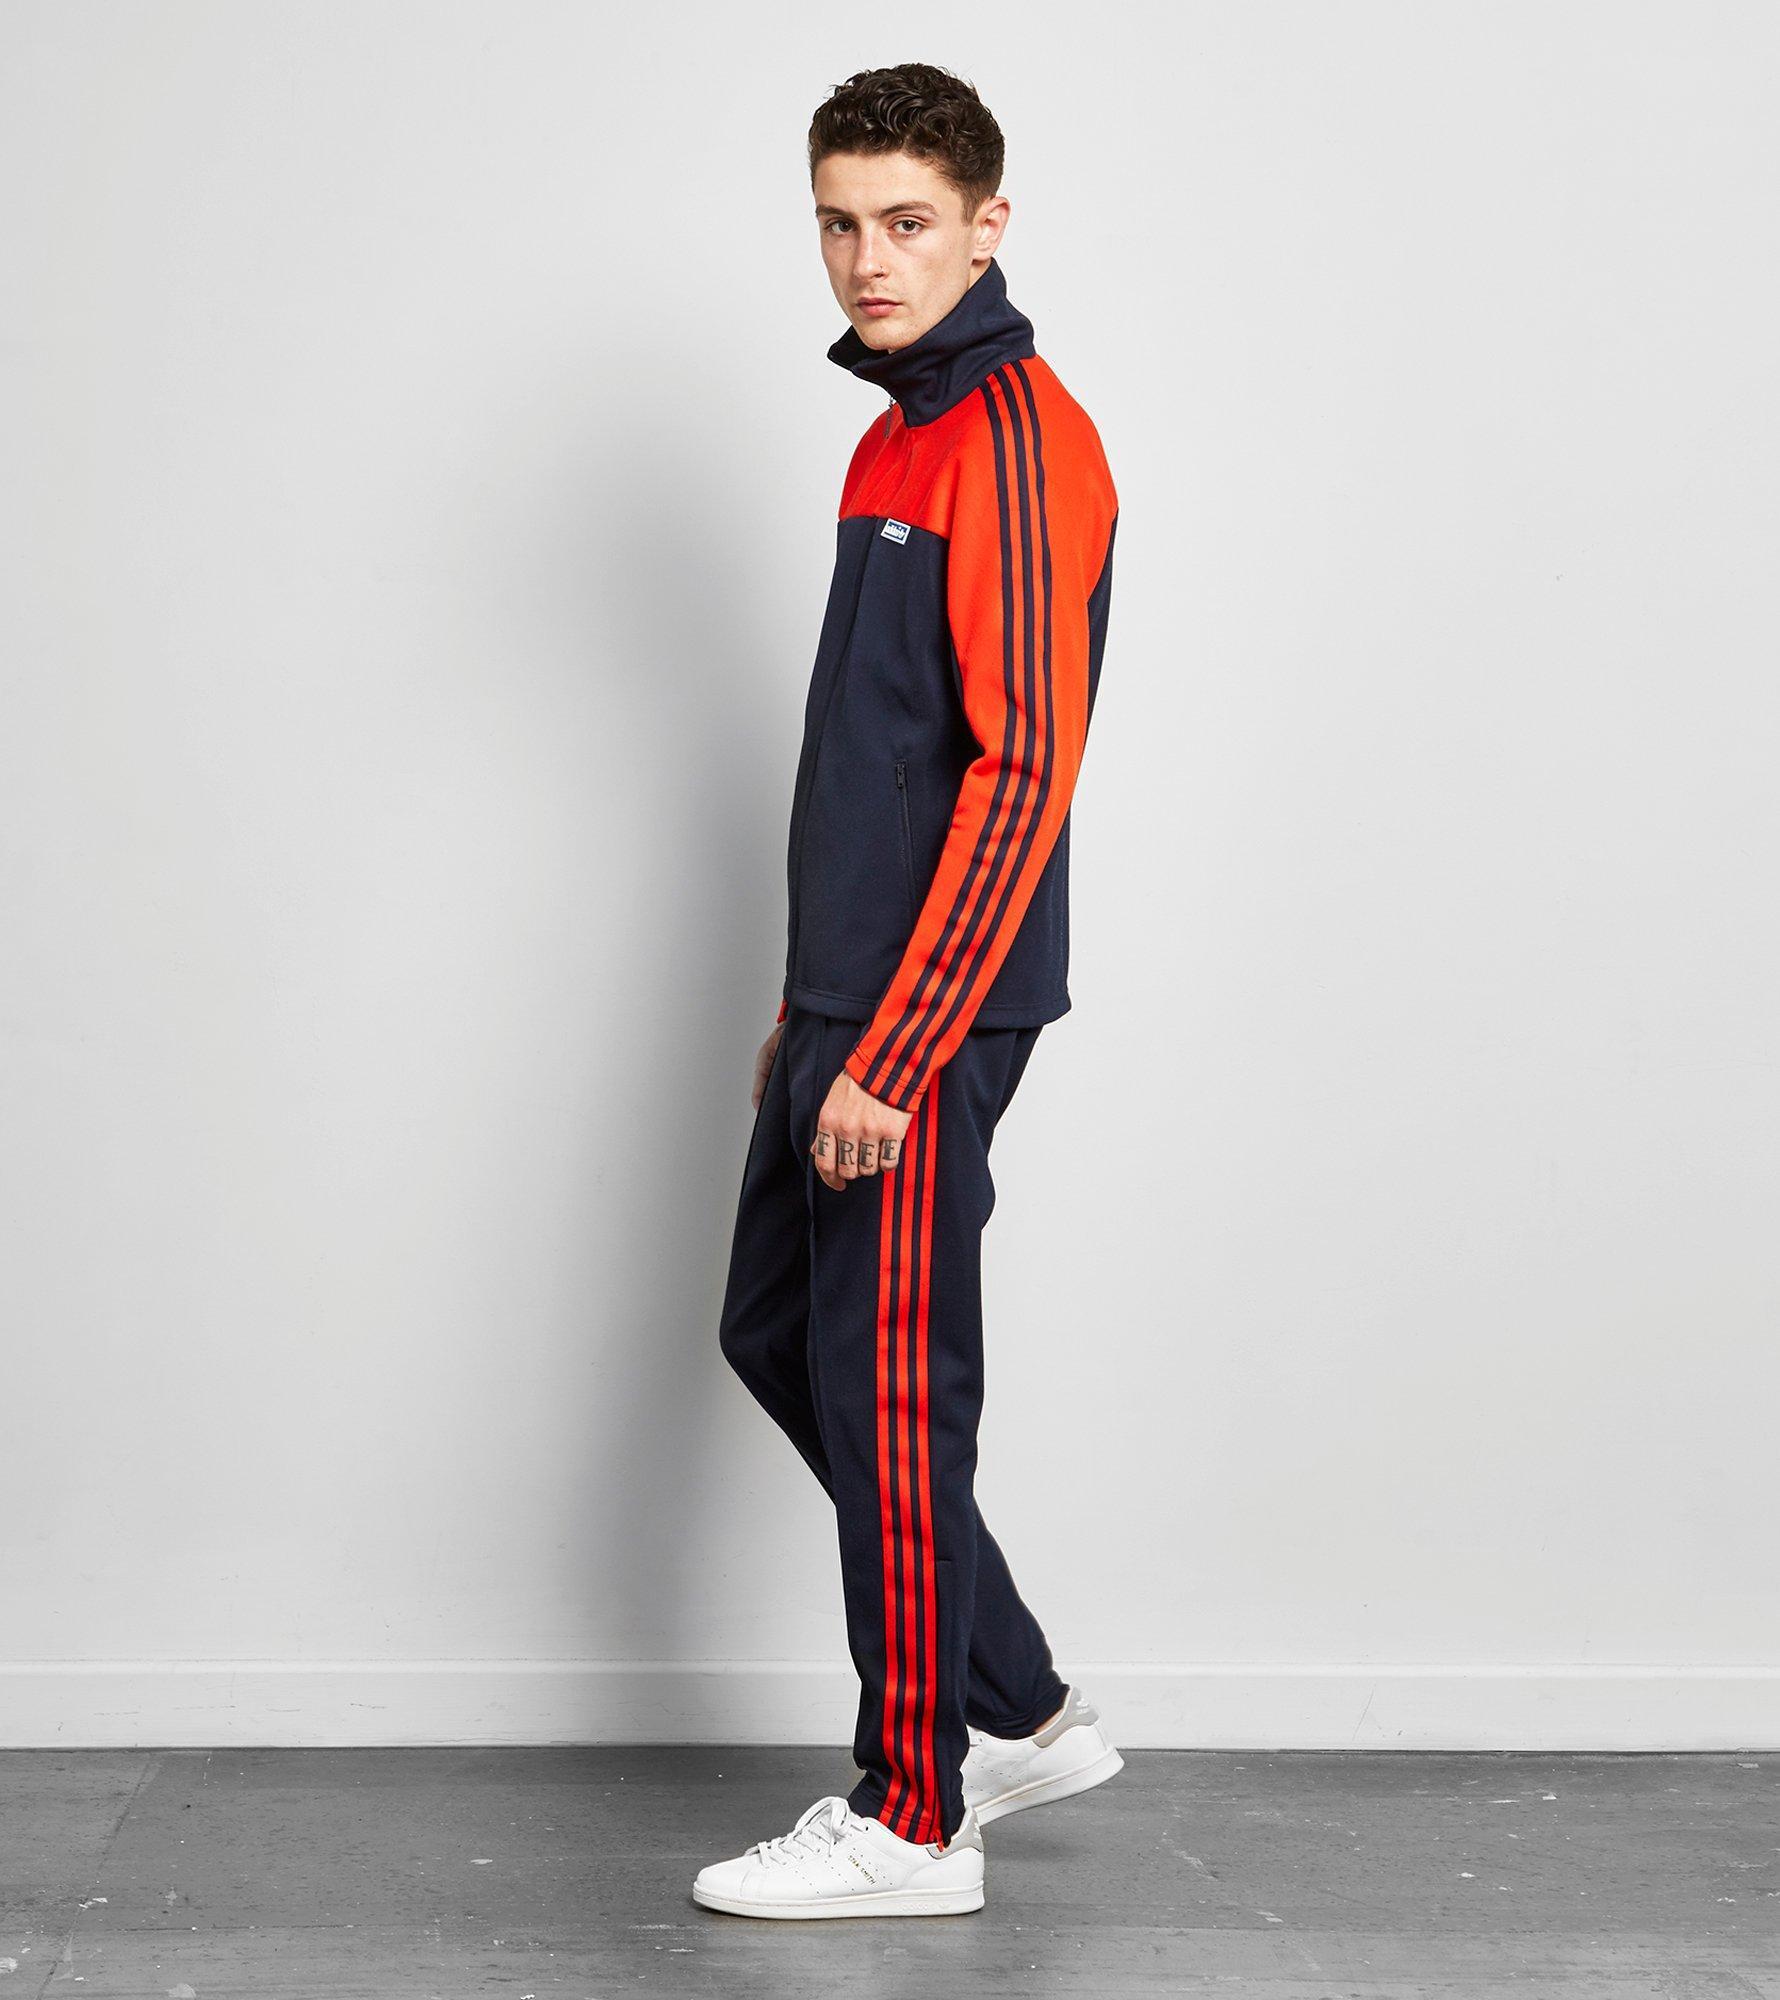 Adidas Originals Tracksuit – Coming in Different Range!